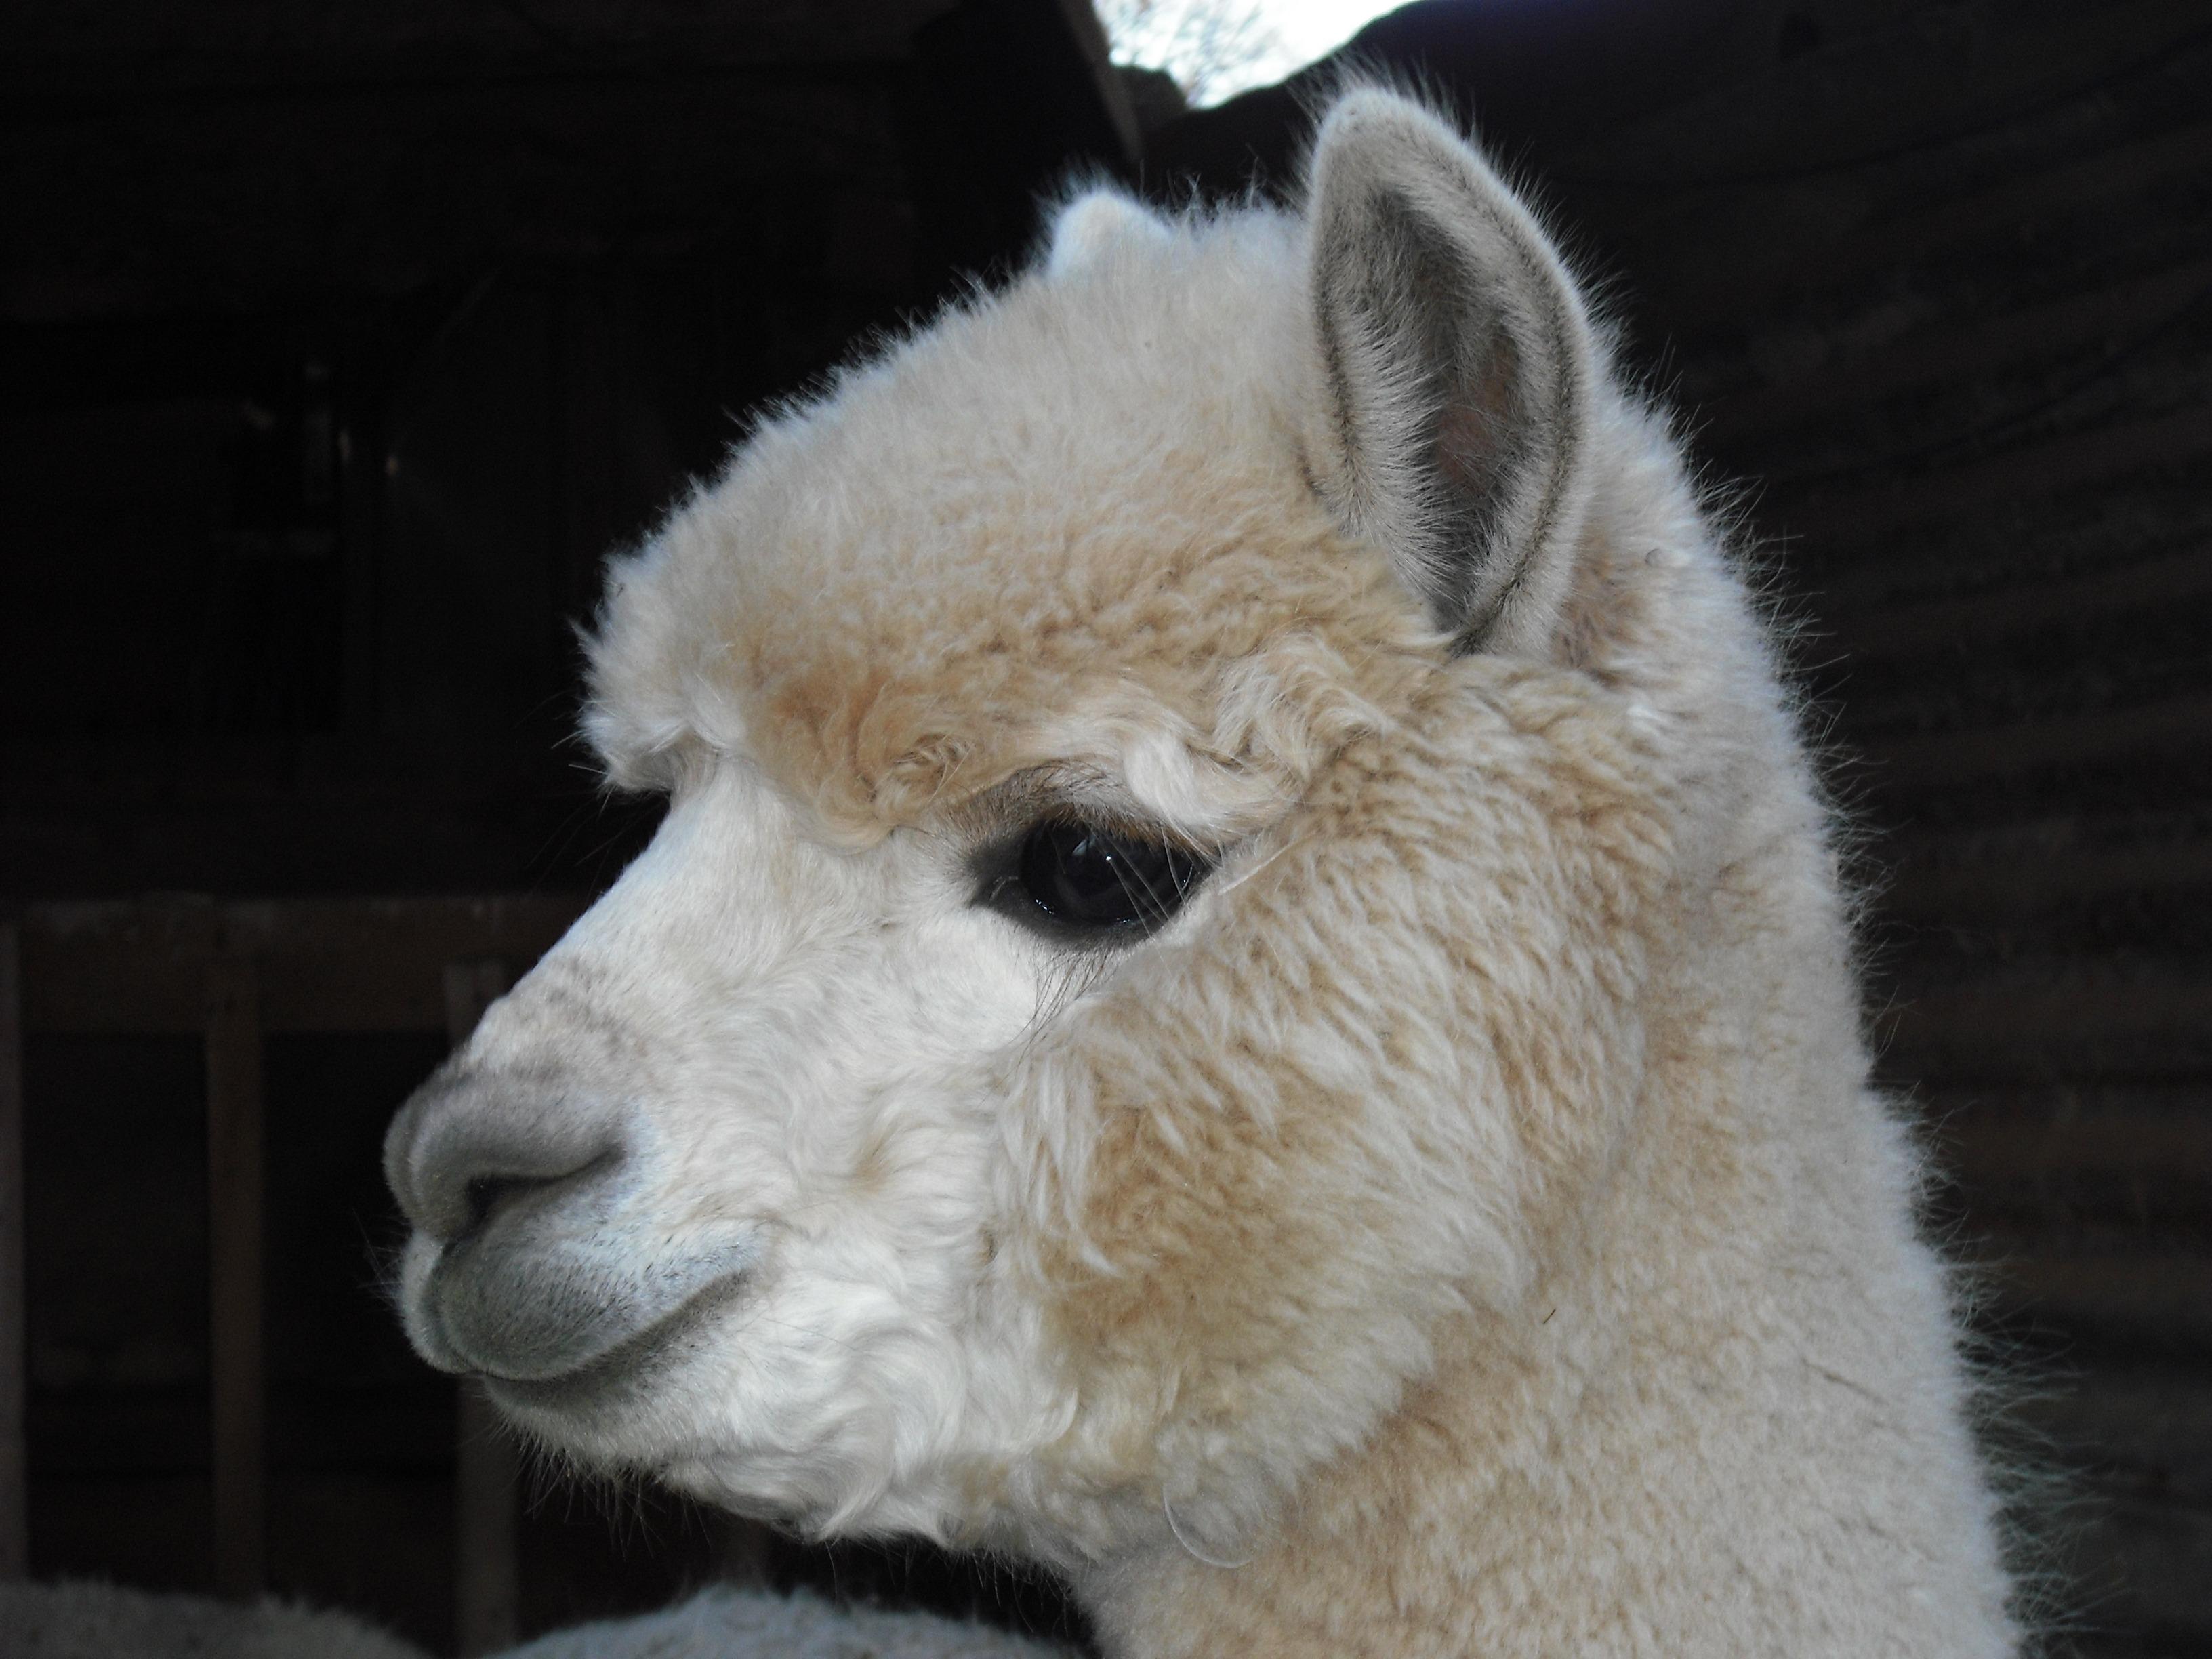 trắng Cừu Động vật có vú Động vật Llama Alpaca Động vật có xương sống quăn